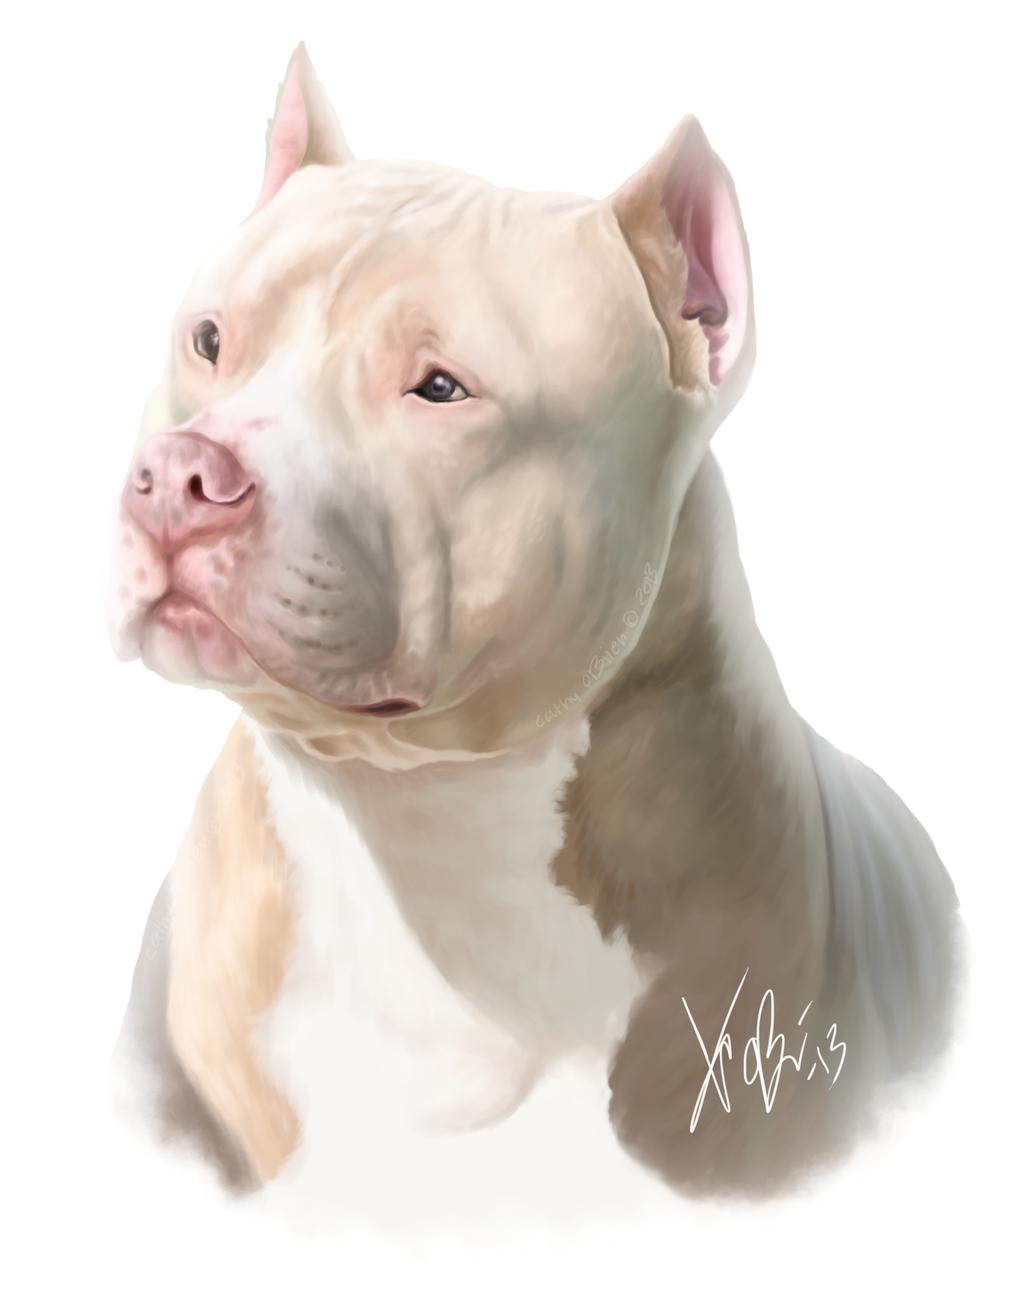 White Red Pitbull Portrait By Redeyeddemon On Deviantart Red Pitbull Pitbull Art Pitbull Terrier